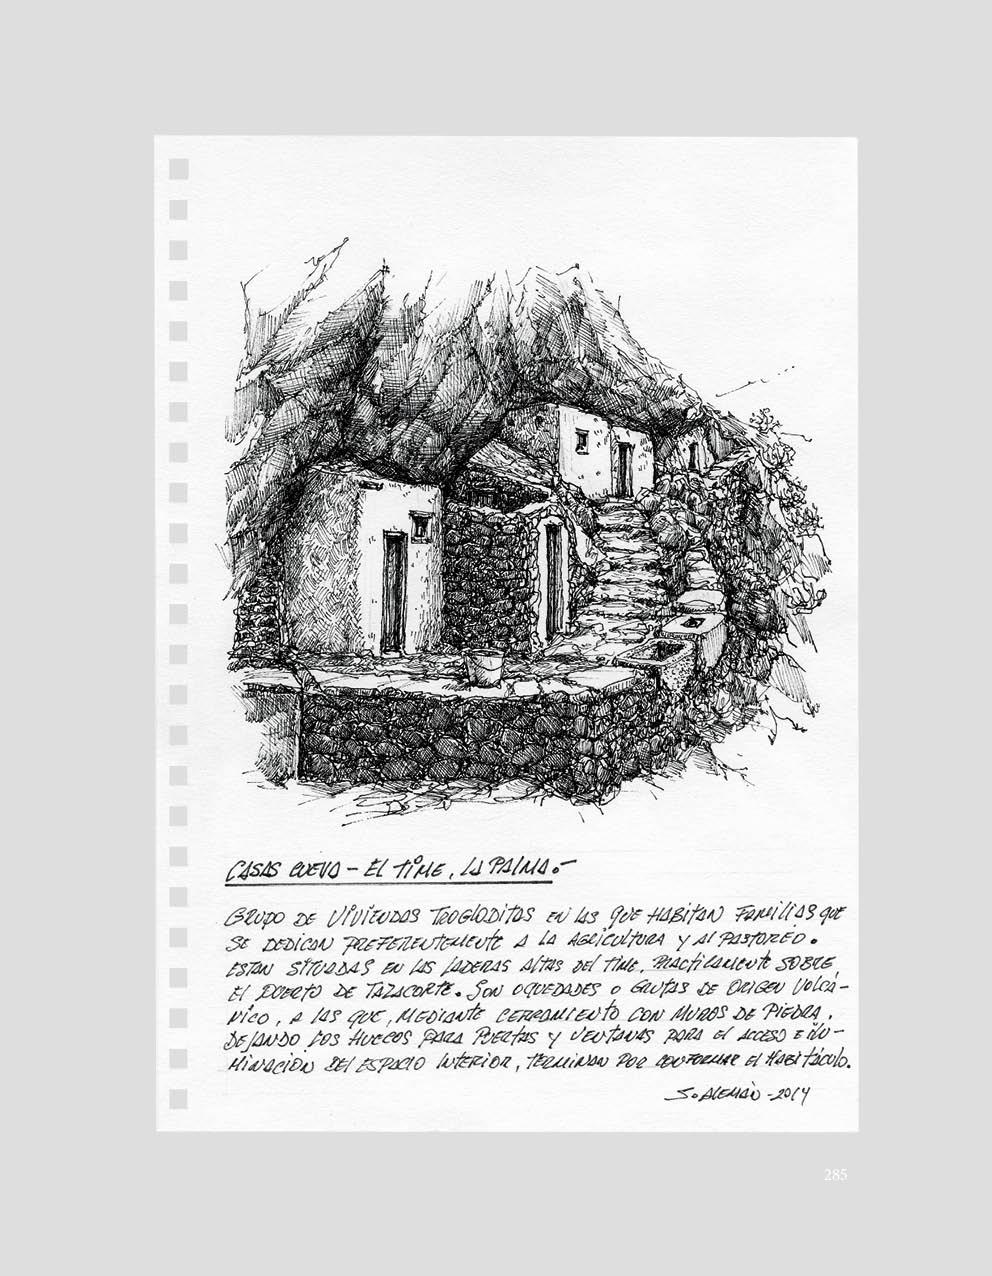 09 Libro S-Aleman 285.jpg